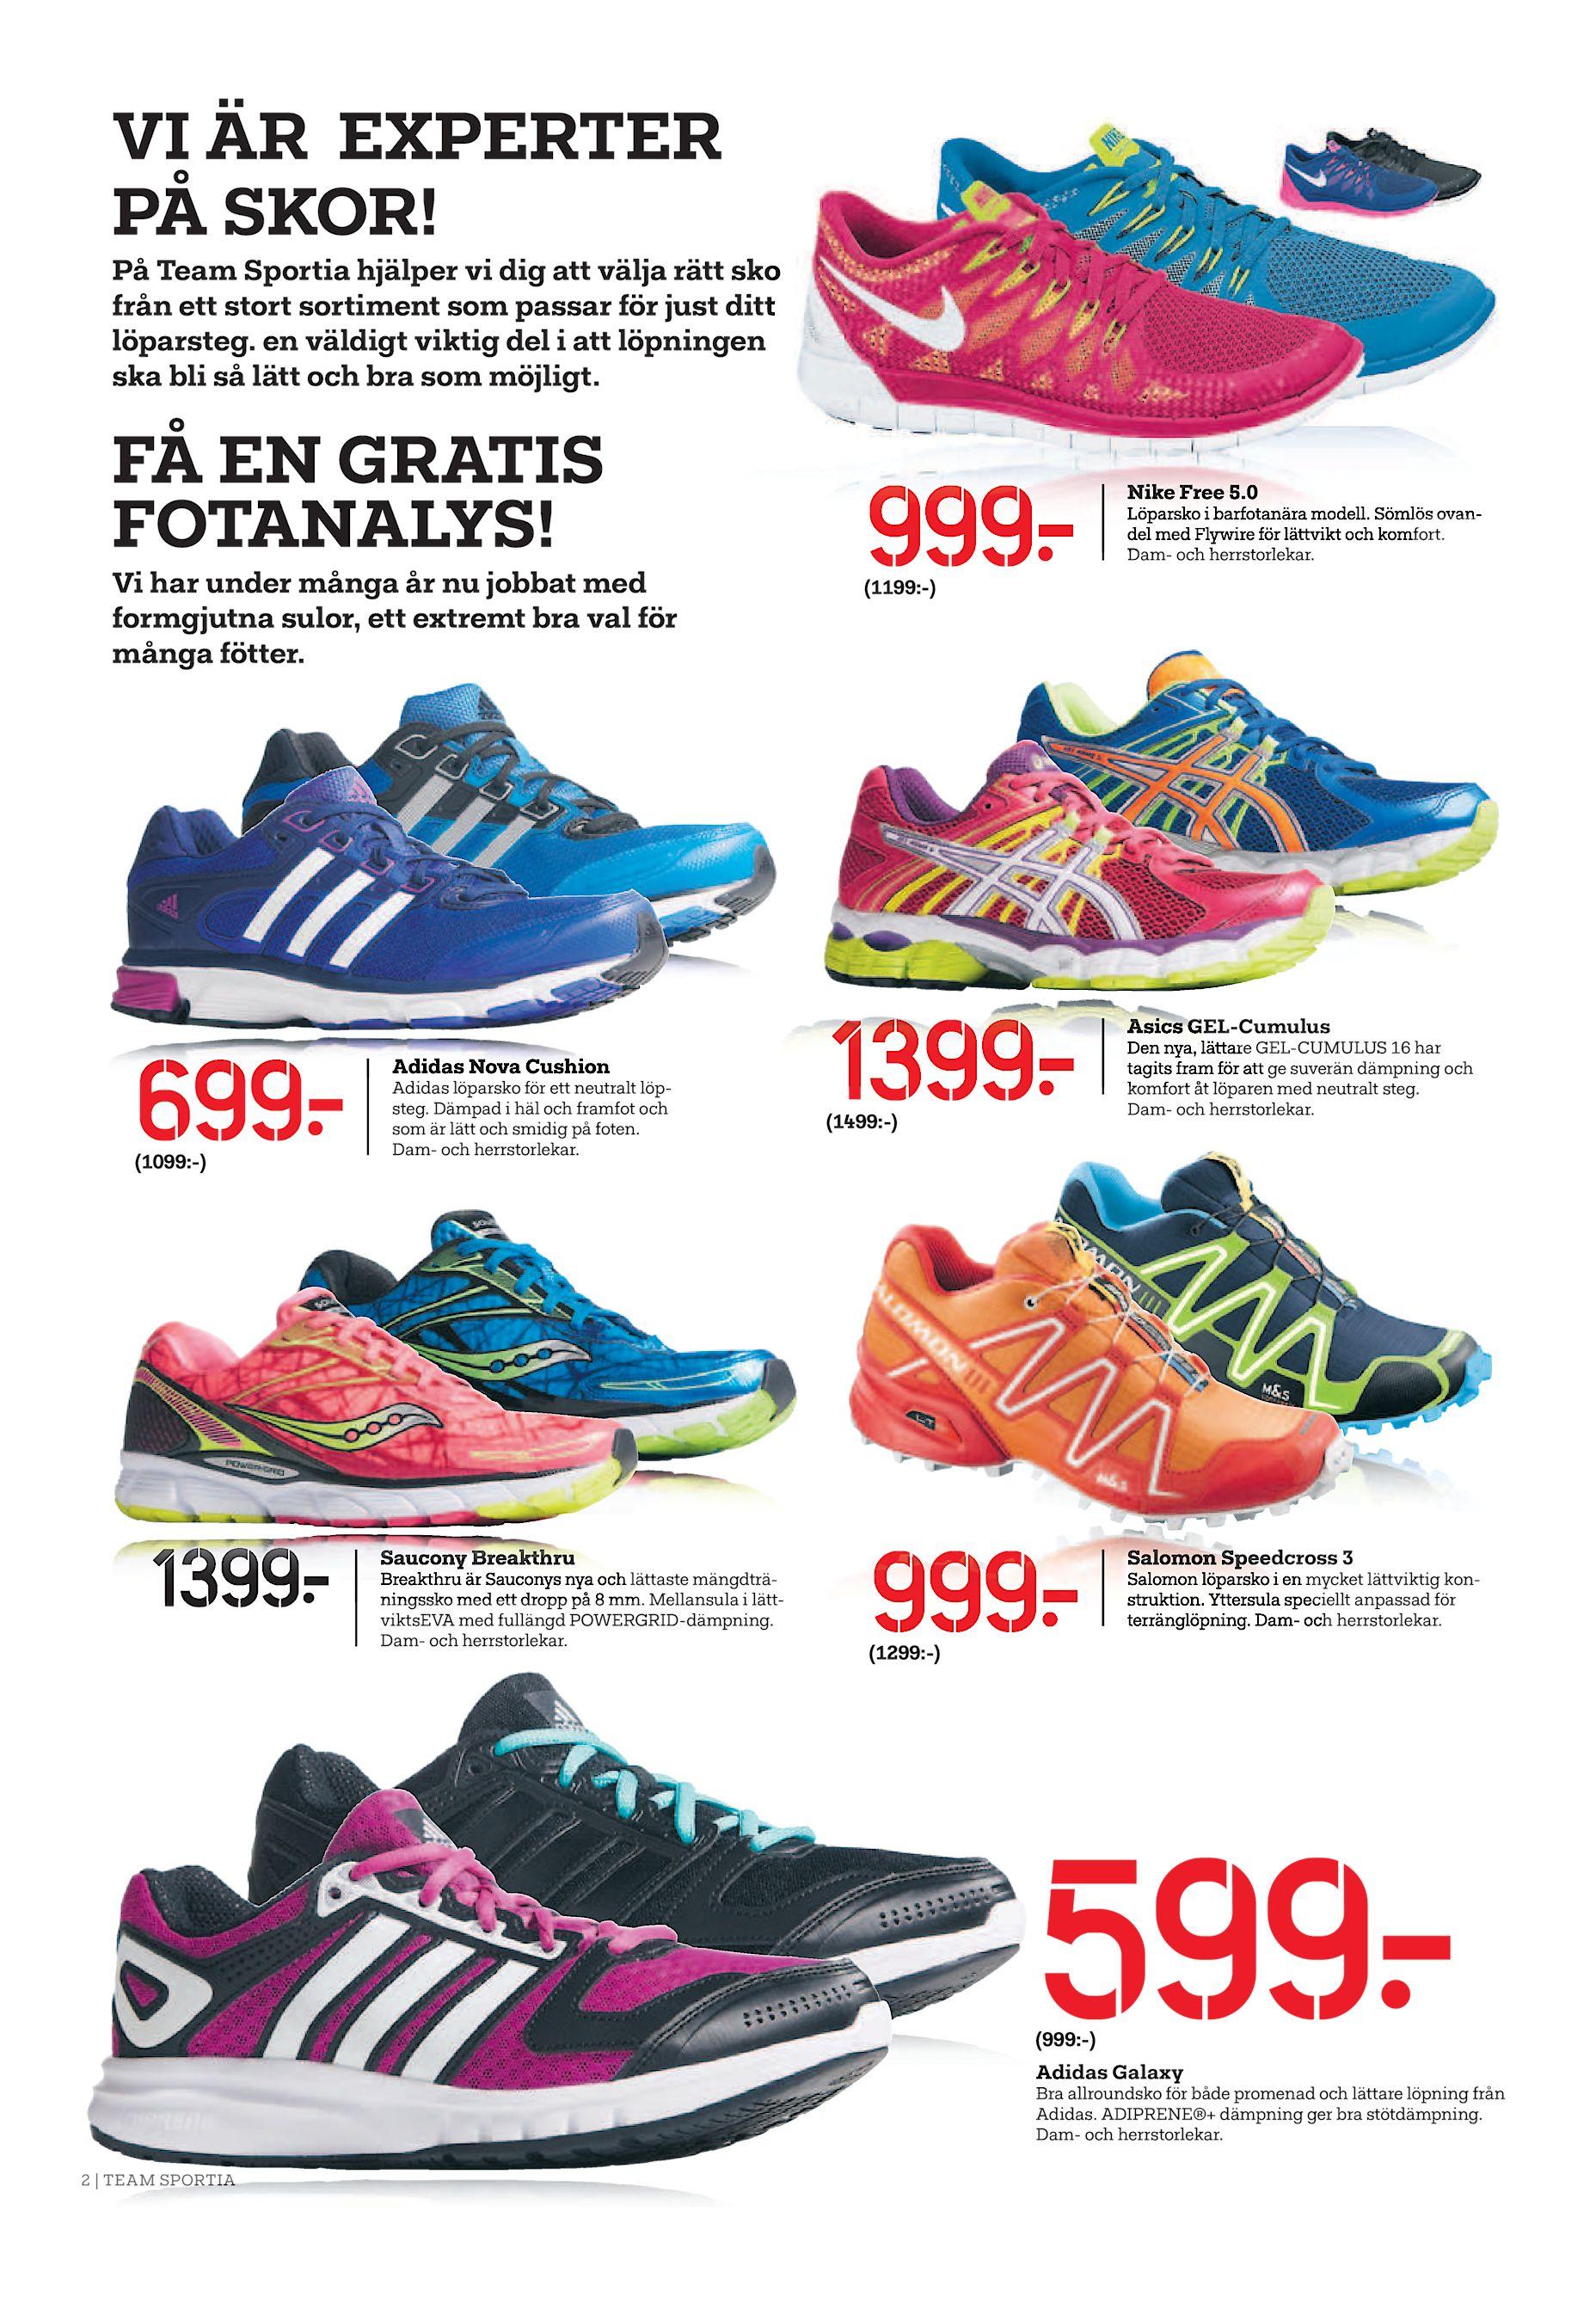 buy online 62c7b d6ffe På Team Sportia hjälper vi dig att välja rätt sko från ett stort sortiment  som passar för just ditt löparsteg. en väldigt viktig del i att löpningen  ...